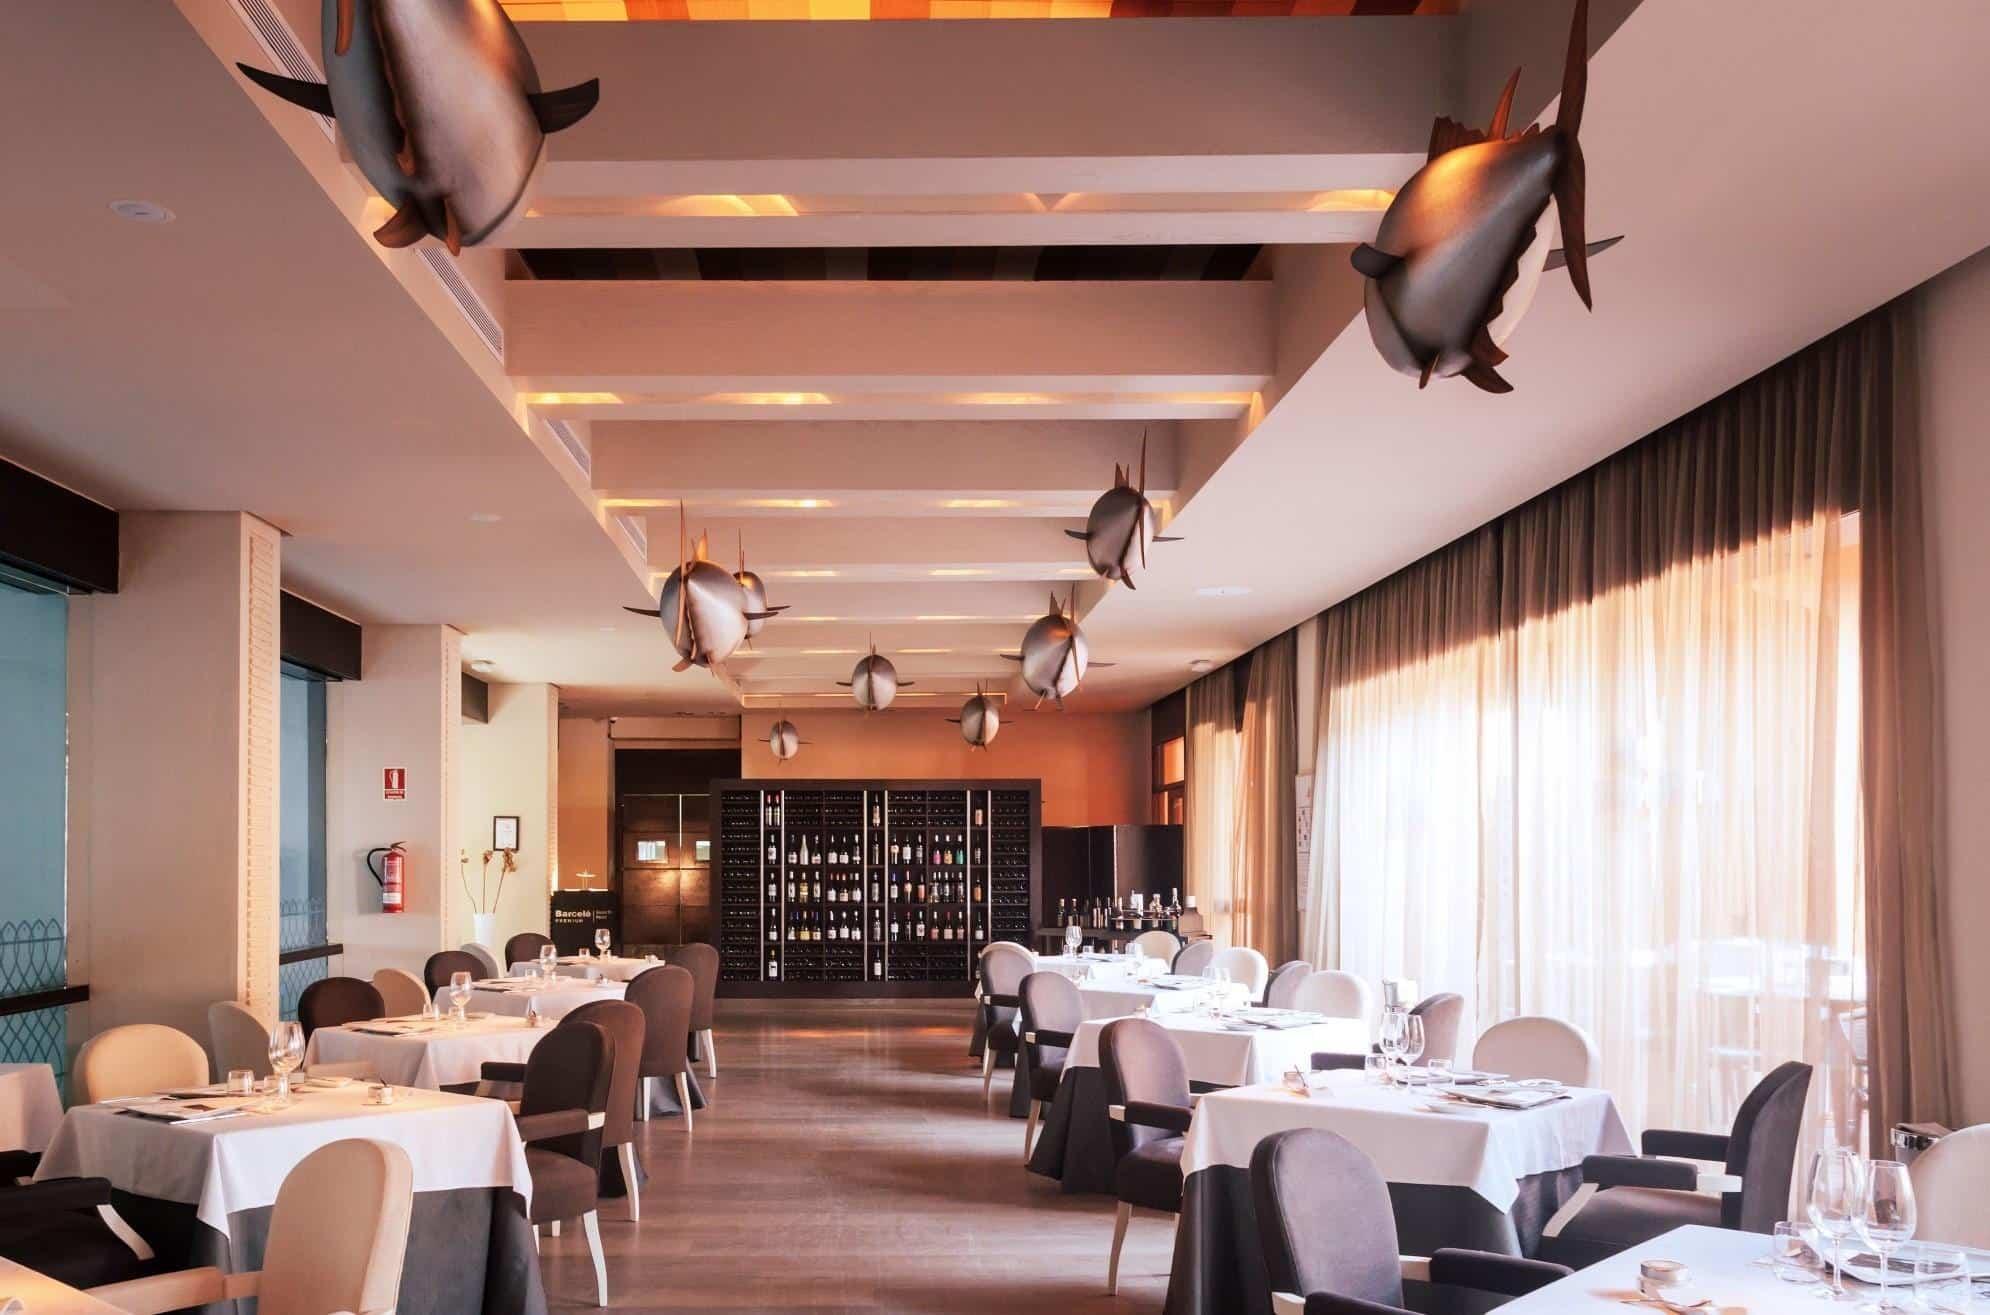 Atunante, el restaurante premiado en los Traveller's Choice de 2021 donde comer atún es toda una experiencia